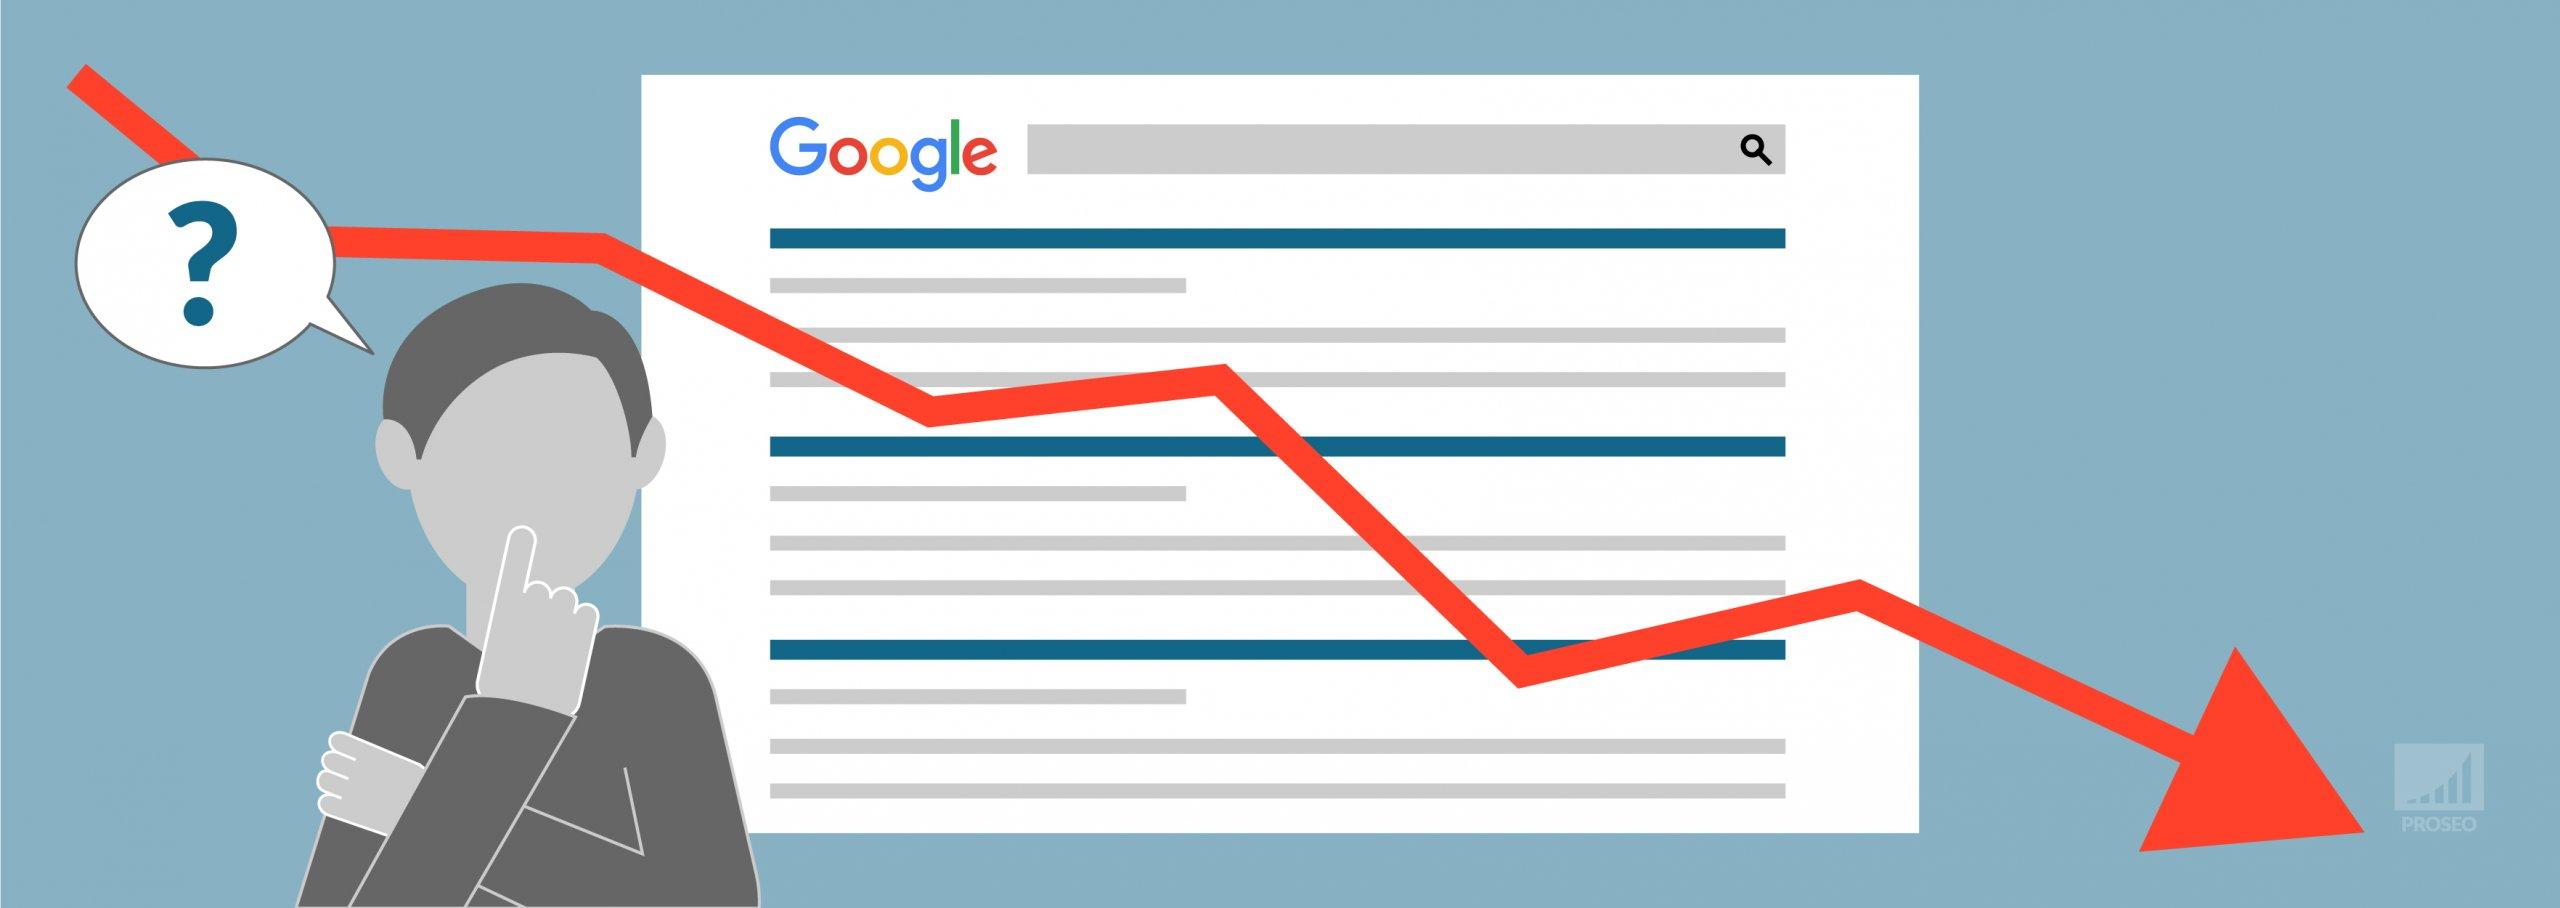 Oorzaken-waarom-site-verwijderd-wordt-uit-index-van-Google